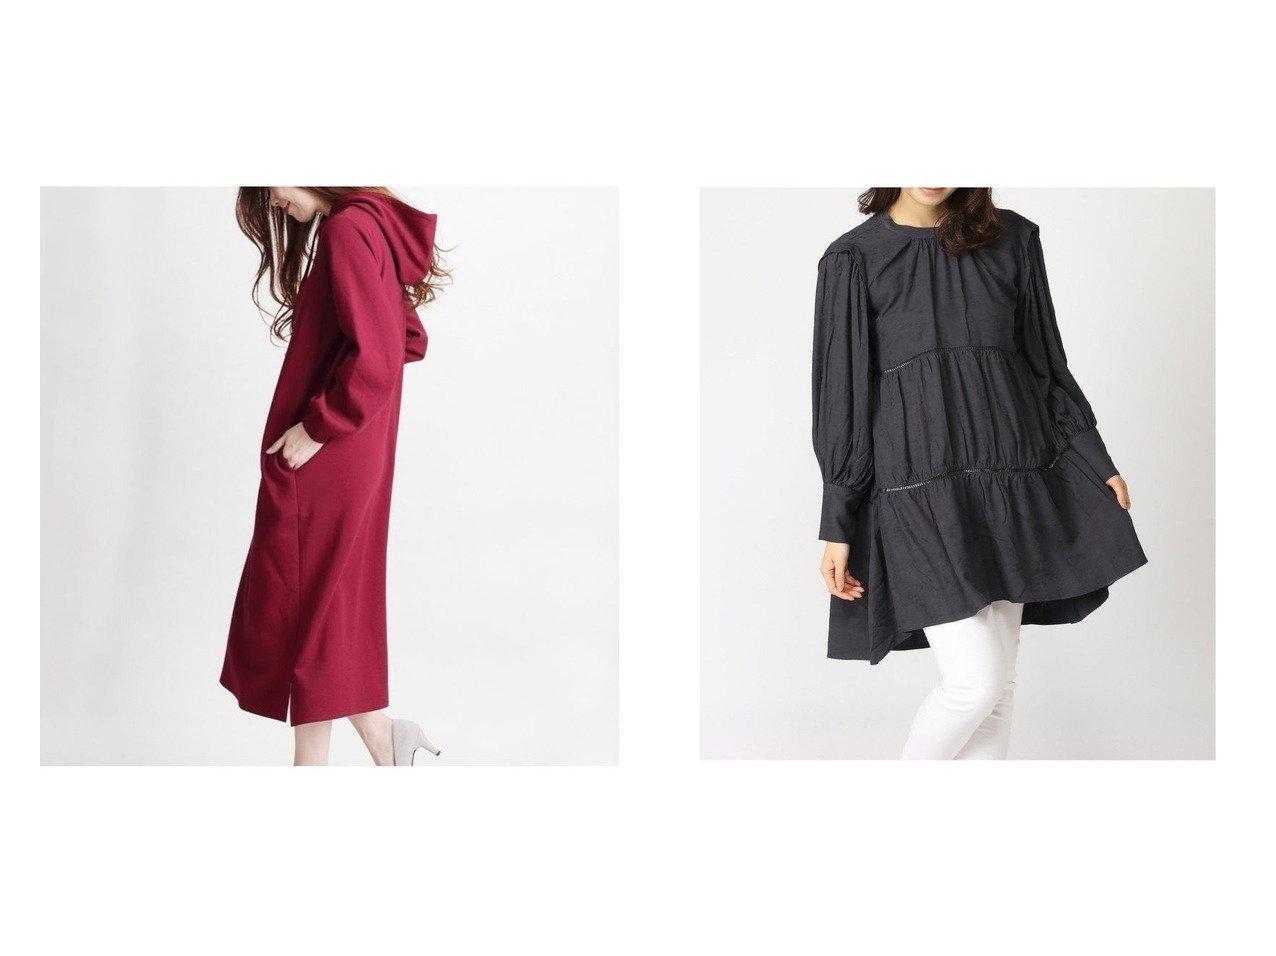 【MARTHA/マーサ】のボンディングパーカーワンピース&【JEANASiS/ジーナシス】のティアードフレアチュニック ワンピース・ドレスのおすすめ!人気、トレンド・レディースファッションの通販  おすすめで人気の流行・トレンド、ファッションの通販商品 メンズファッション・キッズファッション・インテリア・家具・レディースファッション・服の通販 founy(ファニー) https://founy.com/ ファッション Fashion レディースファッション WOMEN ワンピース Dress チュニック Tunic ボンディング ポケット NEW・新作・新着・新入荷 New Arrivals ギャザー ショート スキニー チュニック トレンド ドレープ フェミニン フラット フレア ロング 春 Spring |ID:crp329100000022760